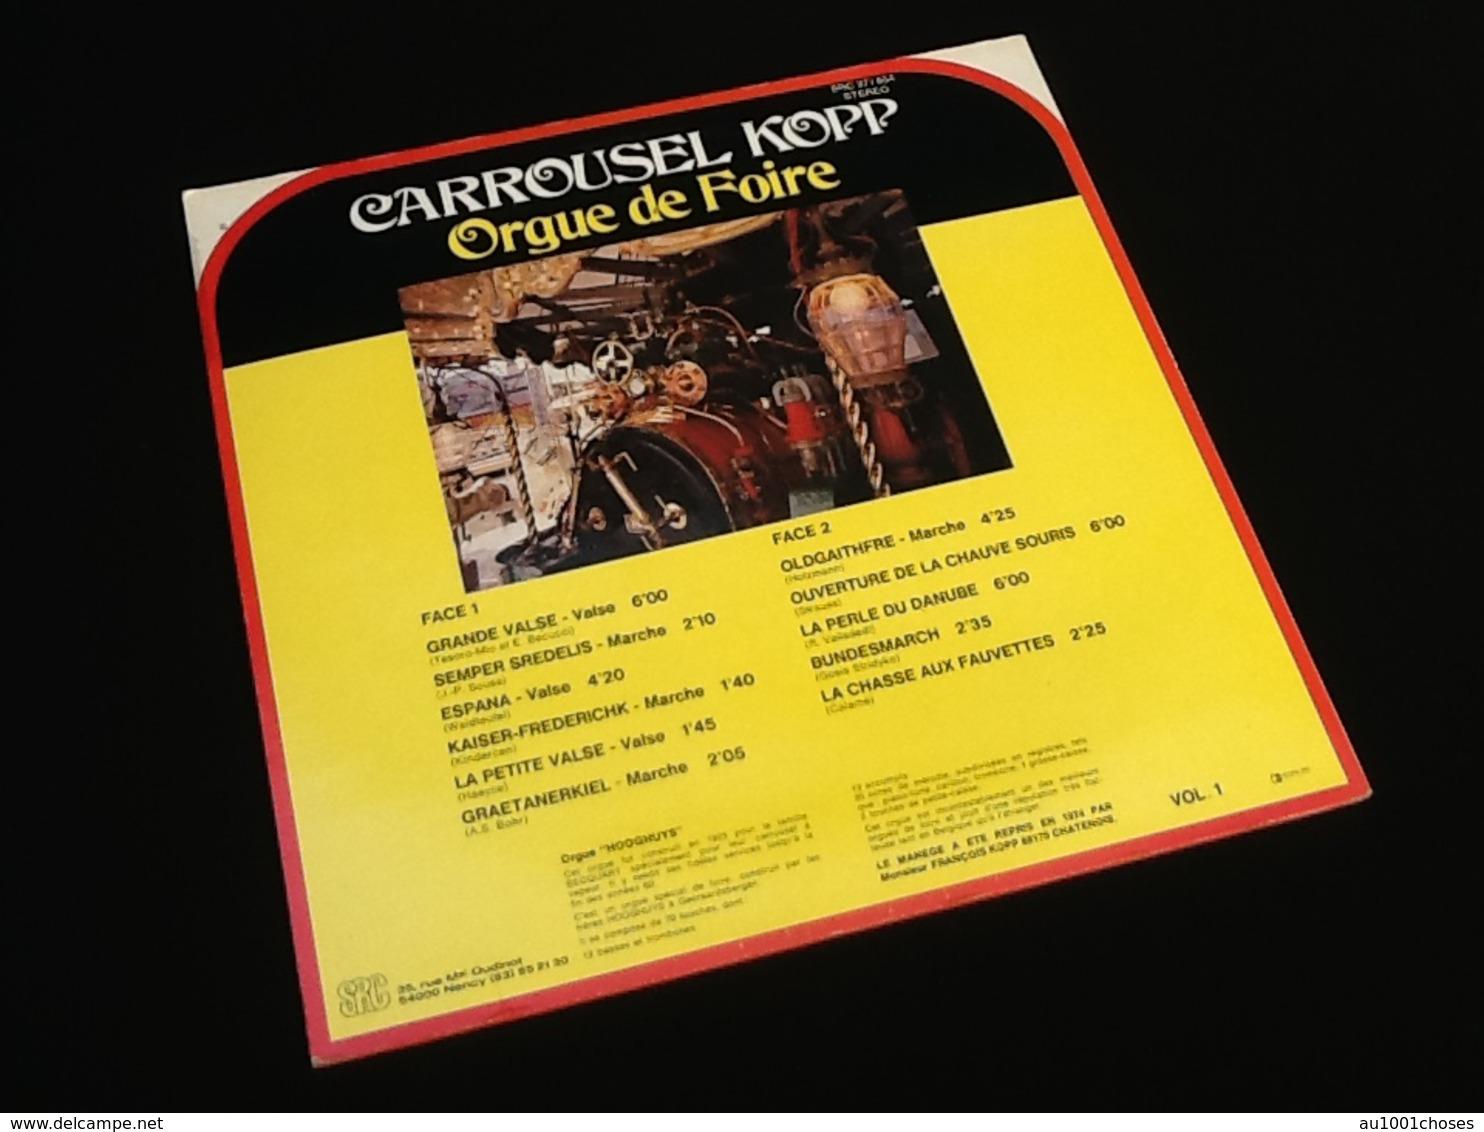 Vinyle 33 Tours  Carrousel Kopp   Orgue De Foire - Autres